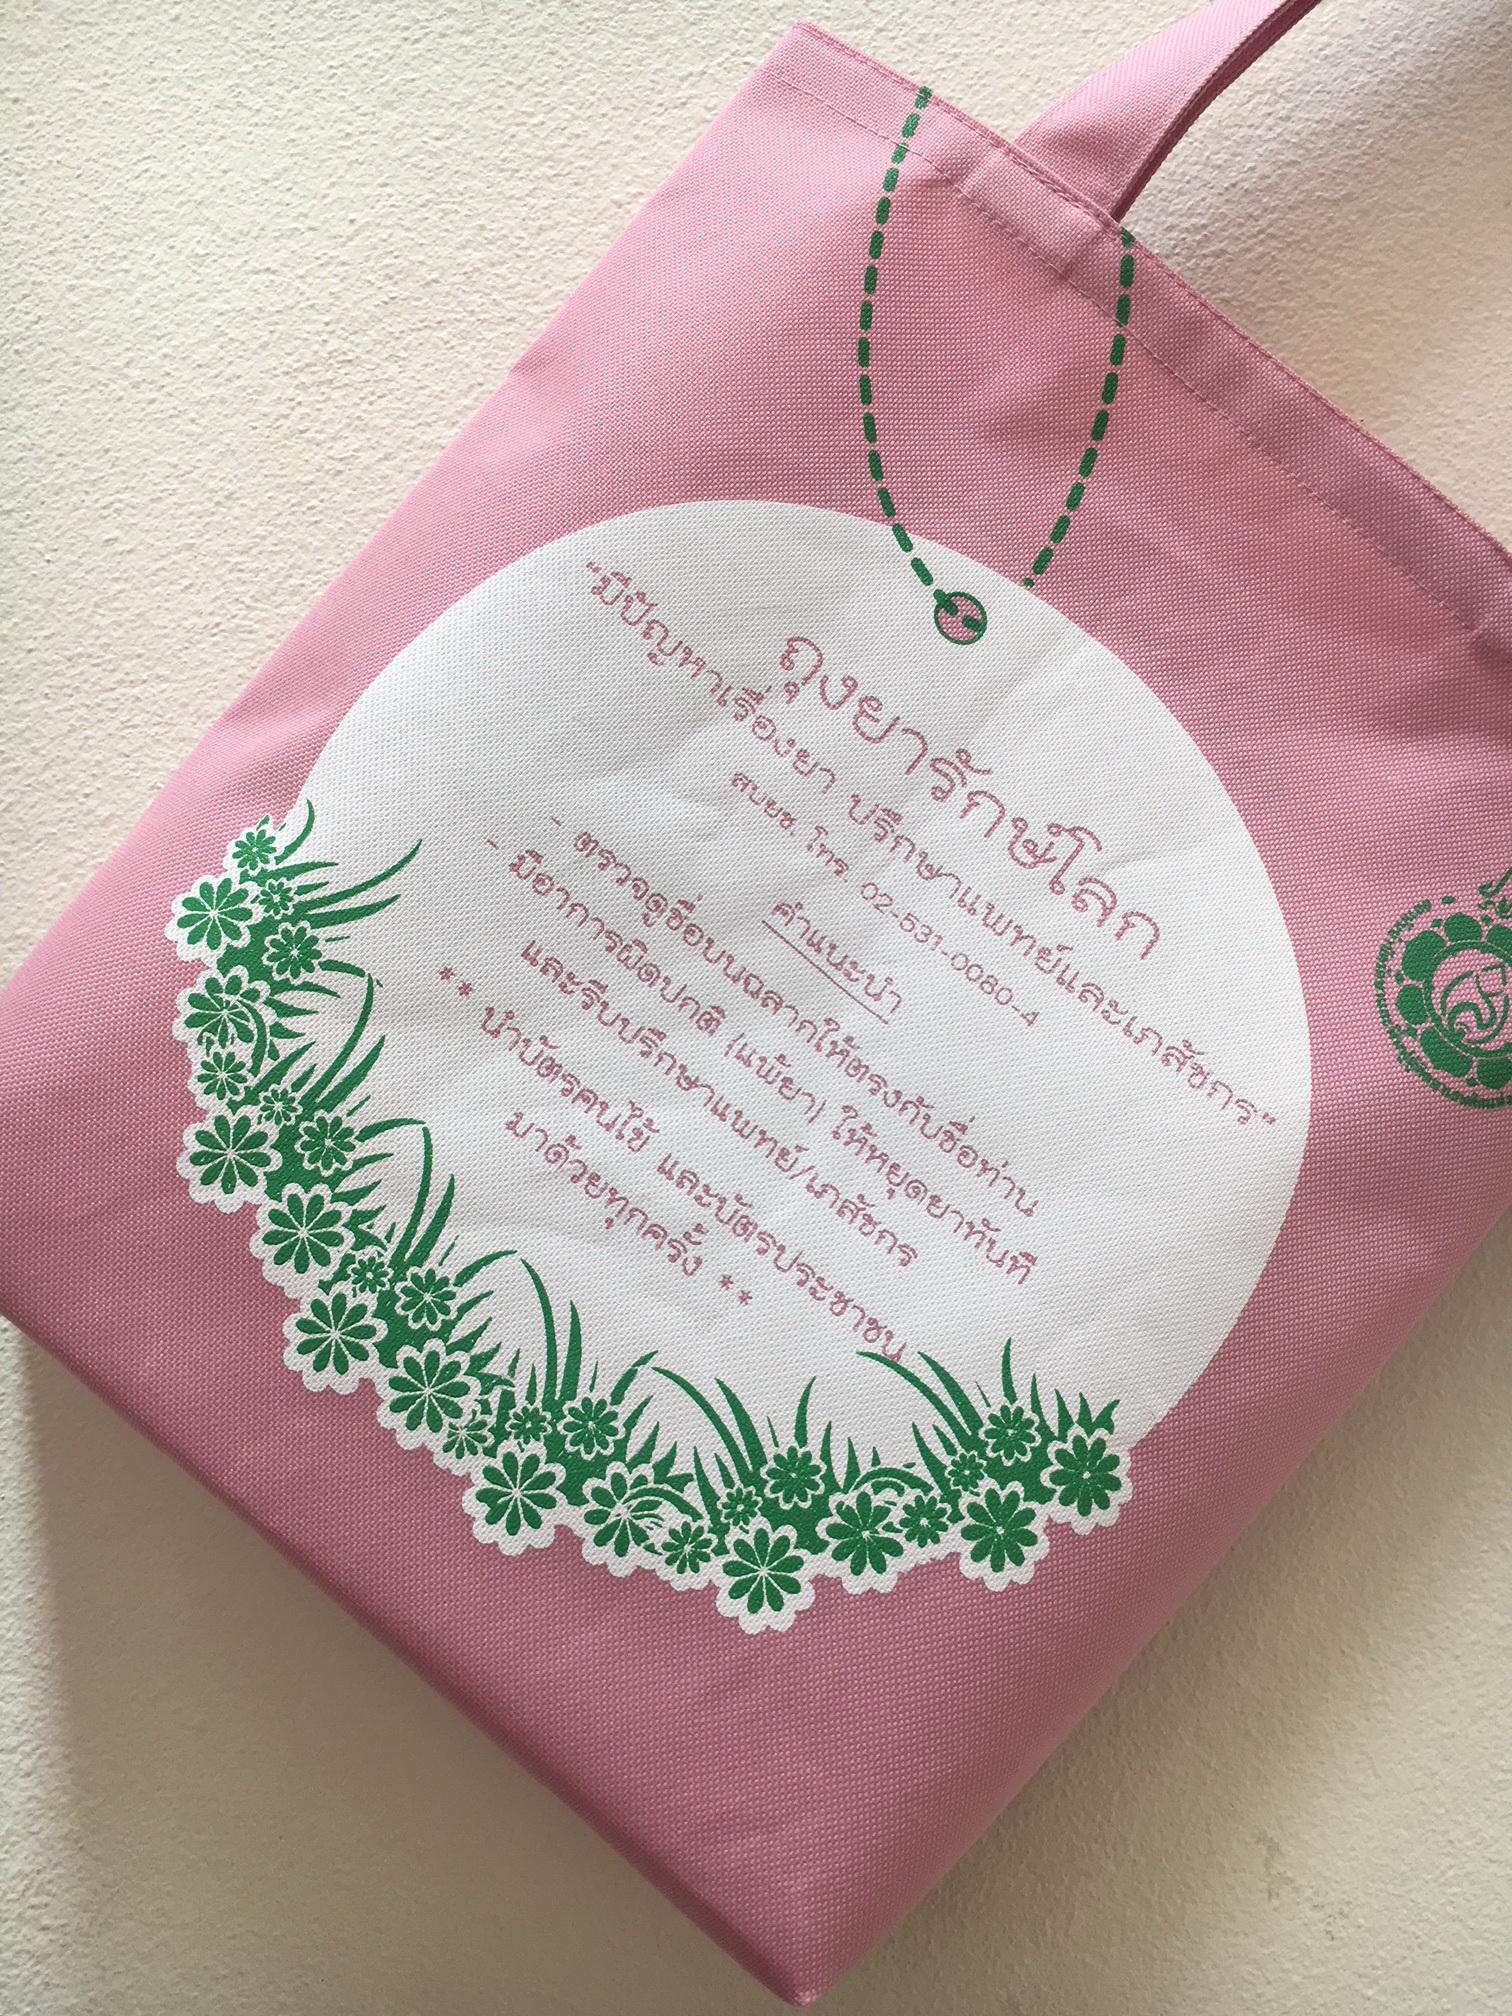 ถุงผ้าดิบ, กระเป๋าผ้าดิบ, 600d, ถุงผ้า, ลดโลกร้อน, สกรีนลายสำเร็จรูป, ขายส่ง, ลายน่ารัก, จาก baginlove.com